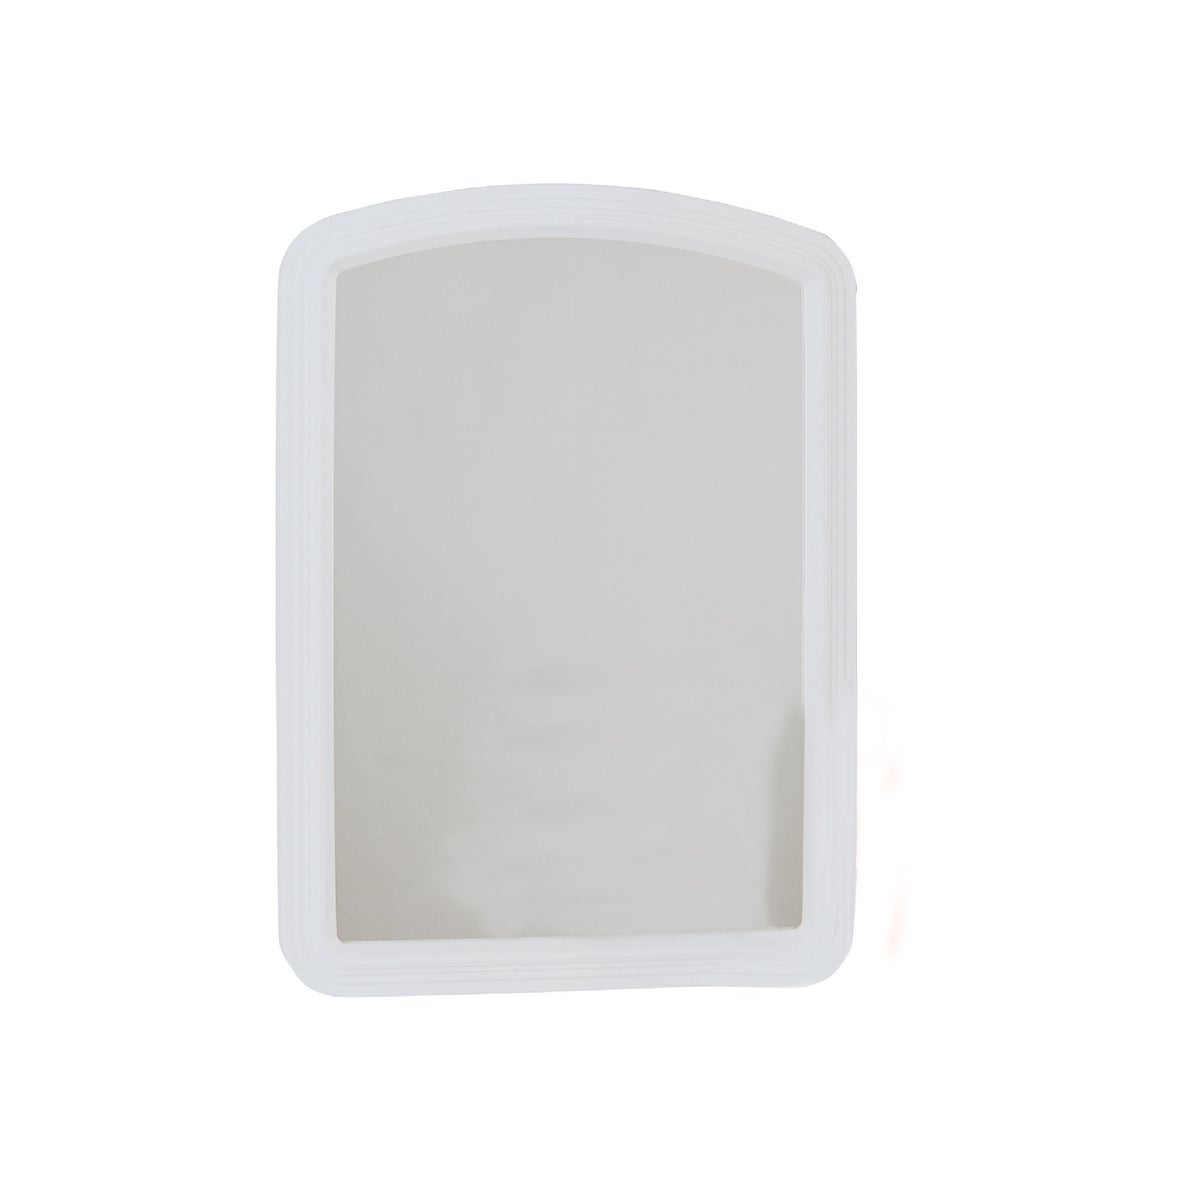 16X22 WHITE ARCH MIRROR - 20-0410 by Home Decor Innovatns